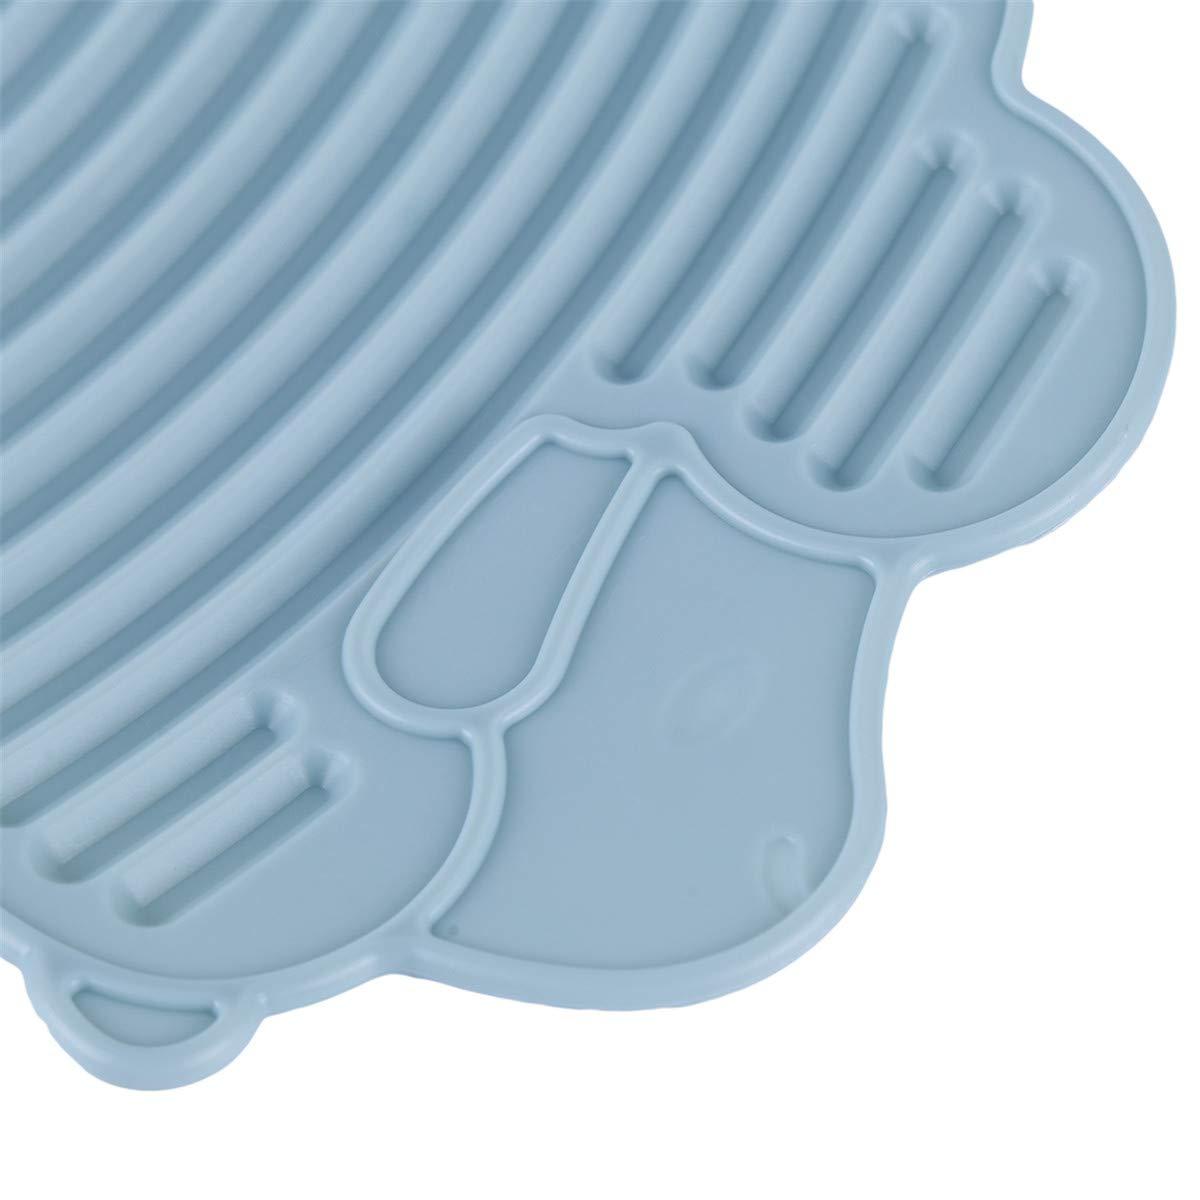 Beiswin Mini Planche /à Laver en Plastique Blanchisserie Washboard Conseil De V/êtement Washboard Washboard pour Outil De M/énage Bleu